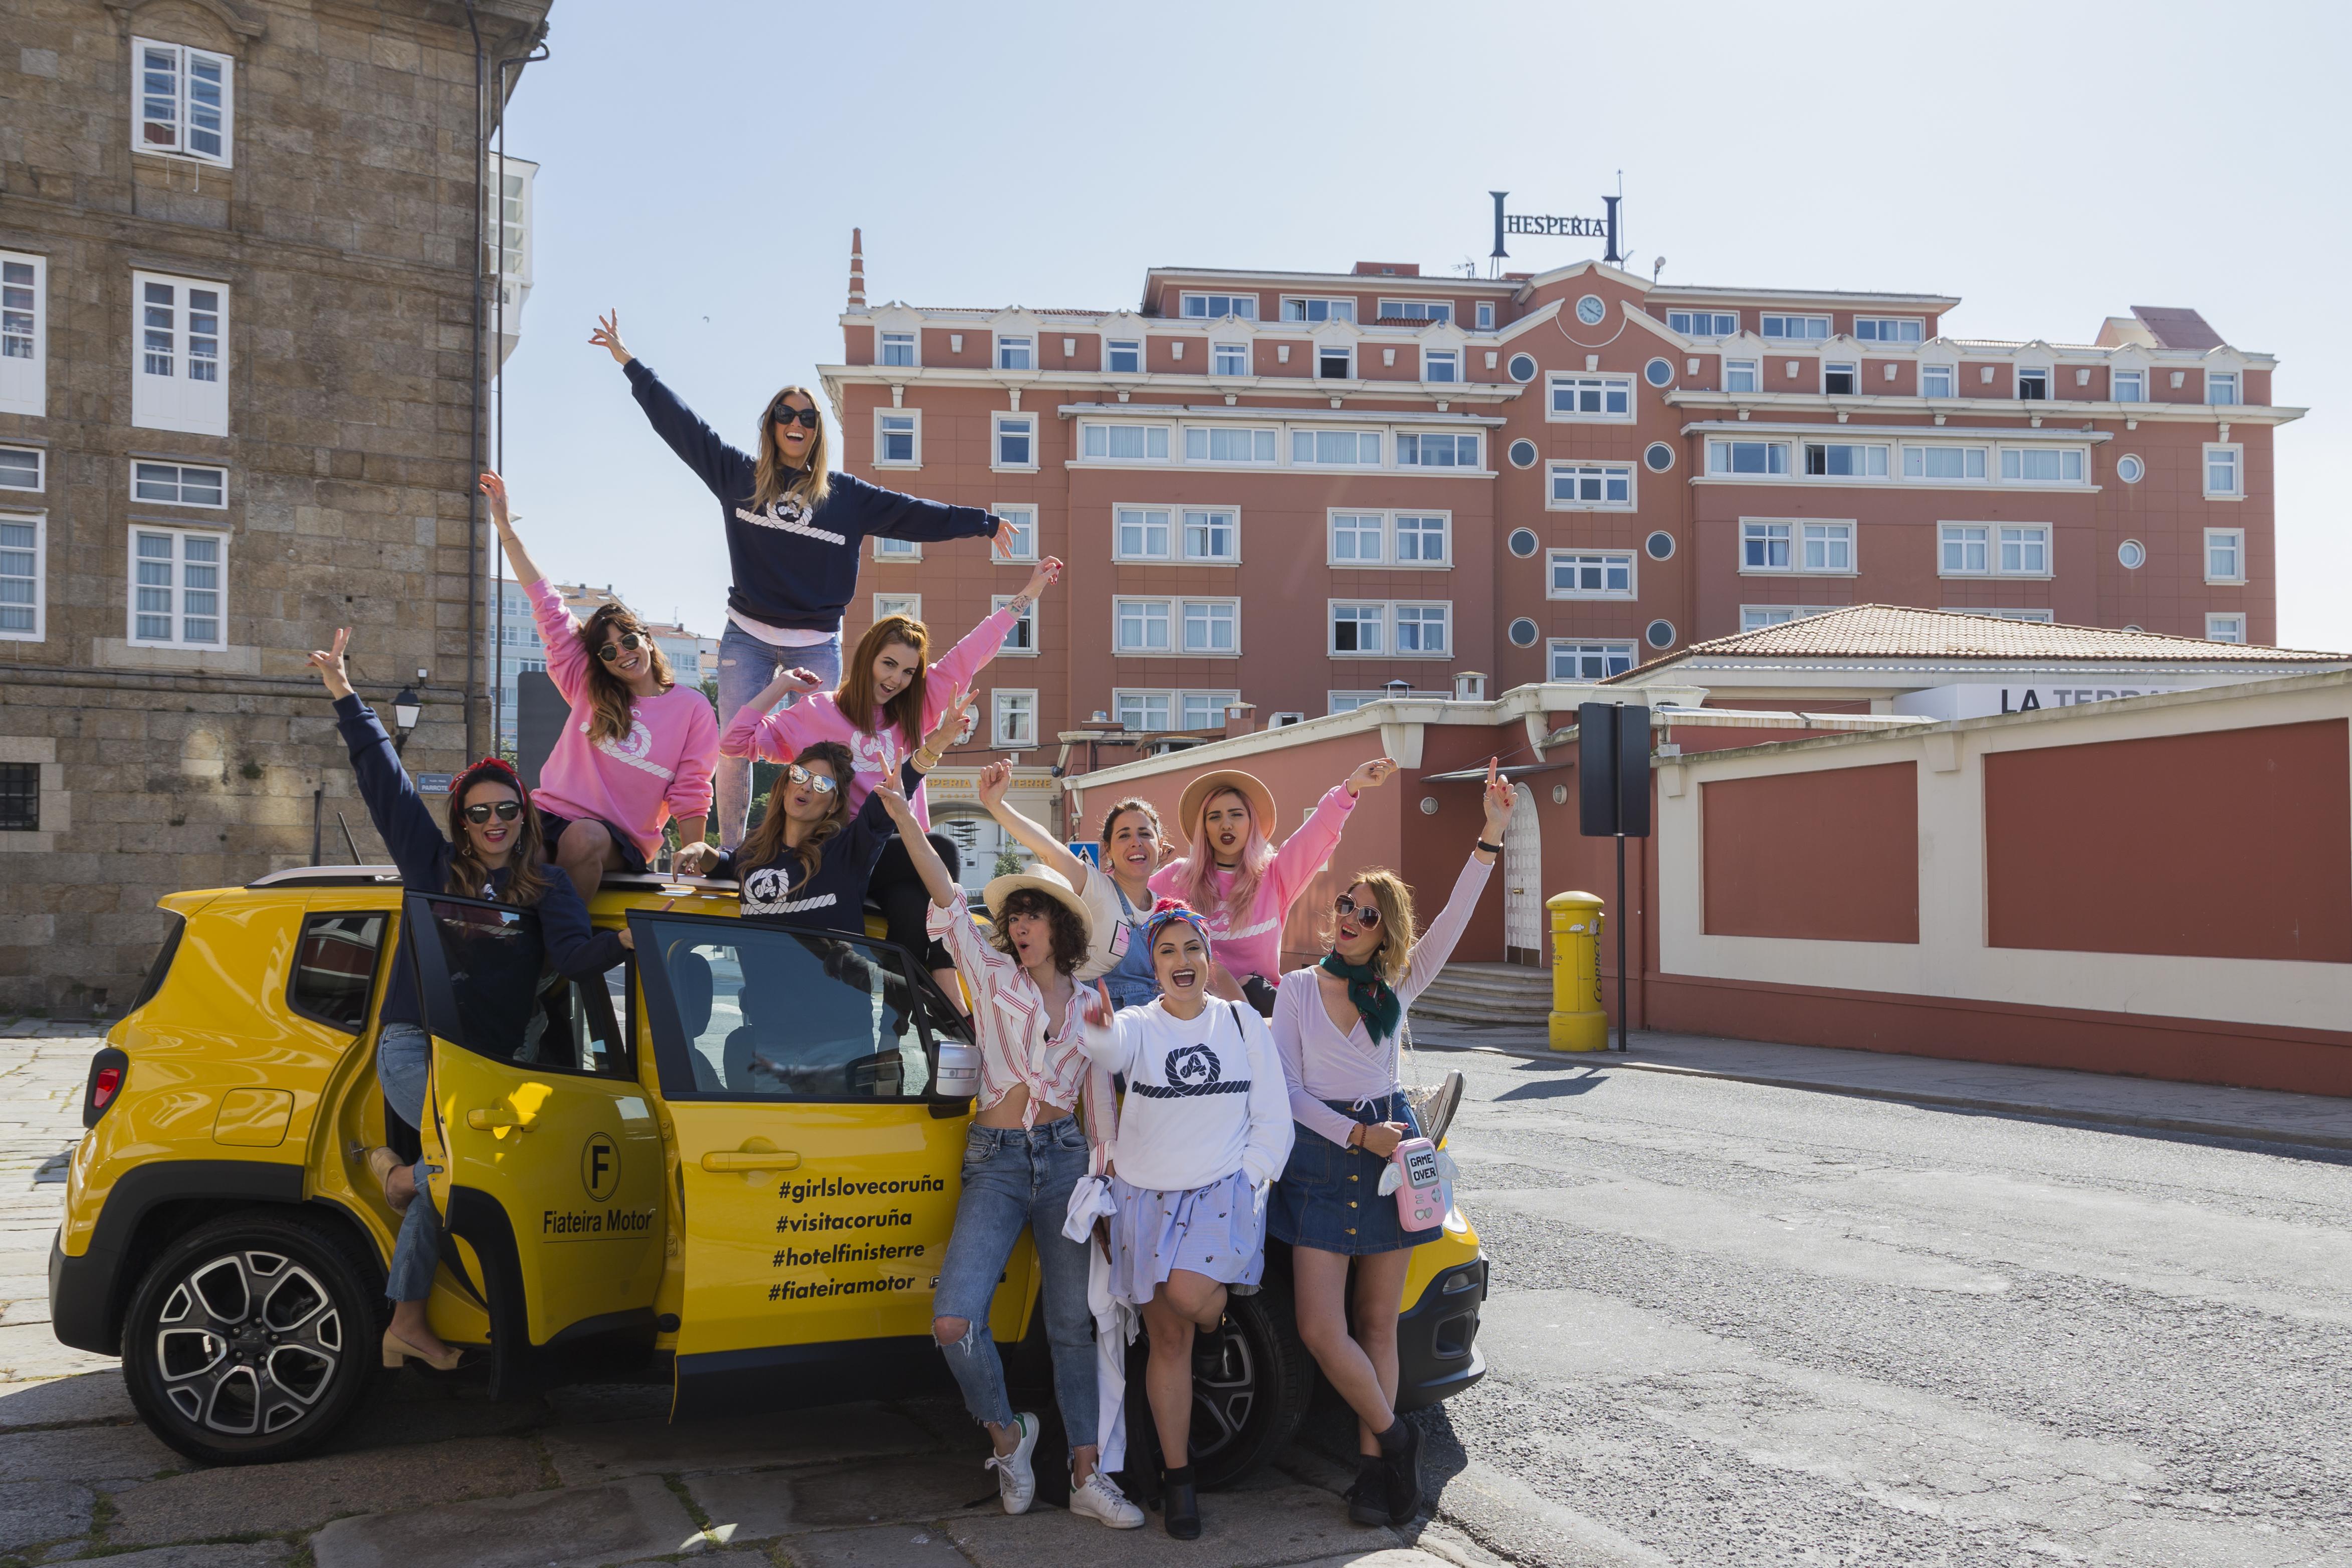 #GirlsLoveCoruña - blog trip-descalzaporelparque- hotel finisterre- denial priegue-